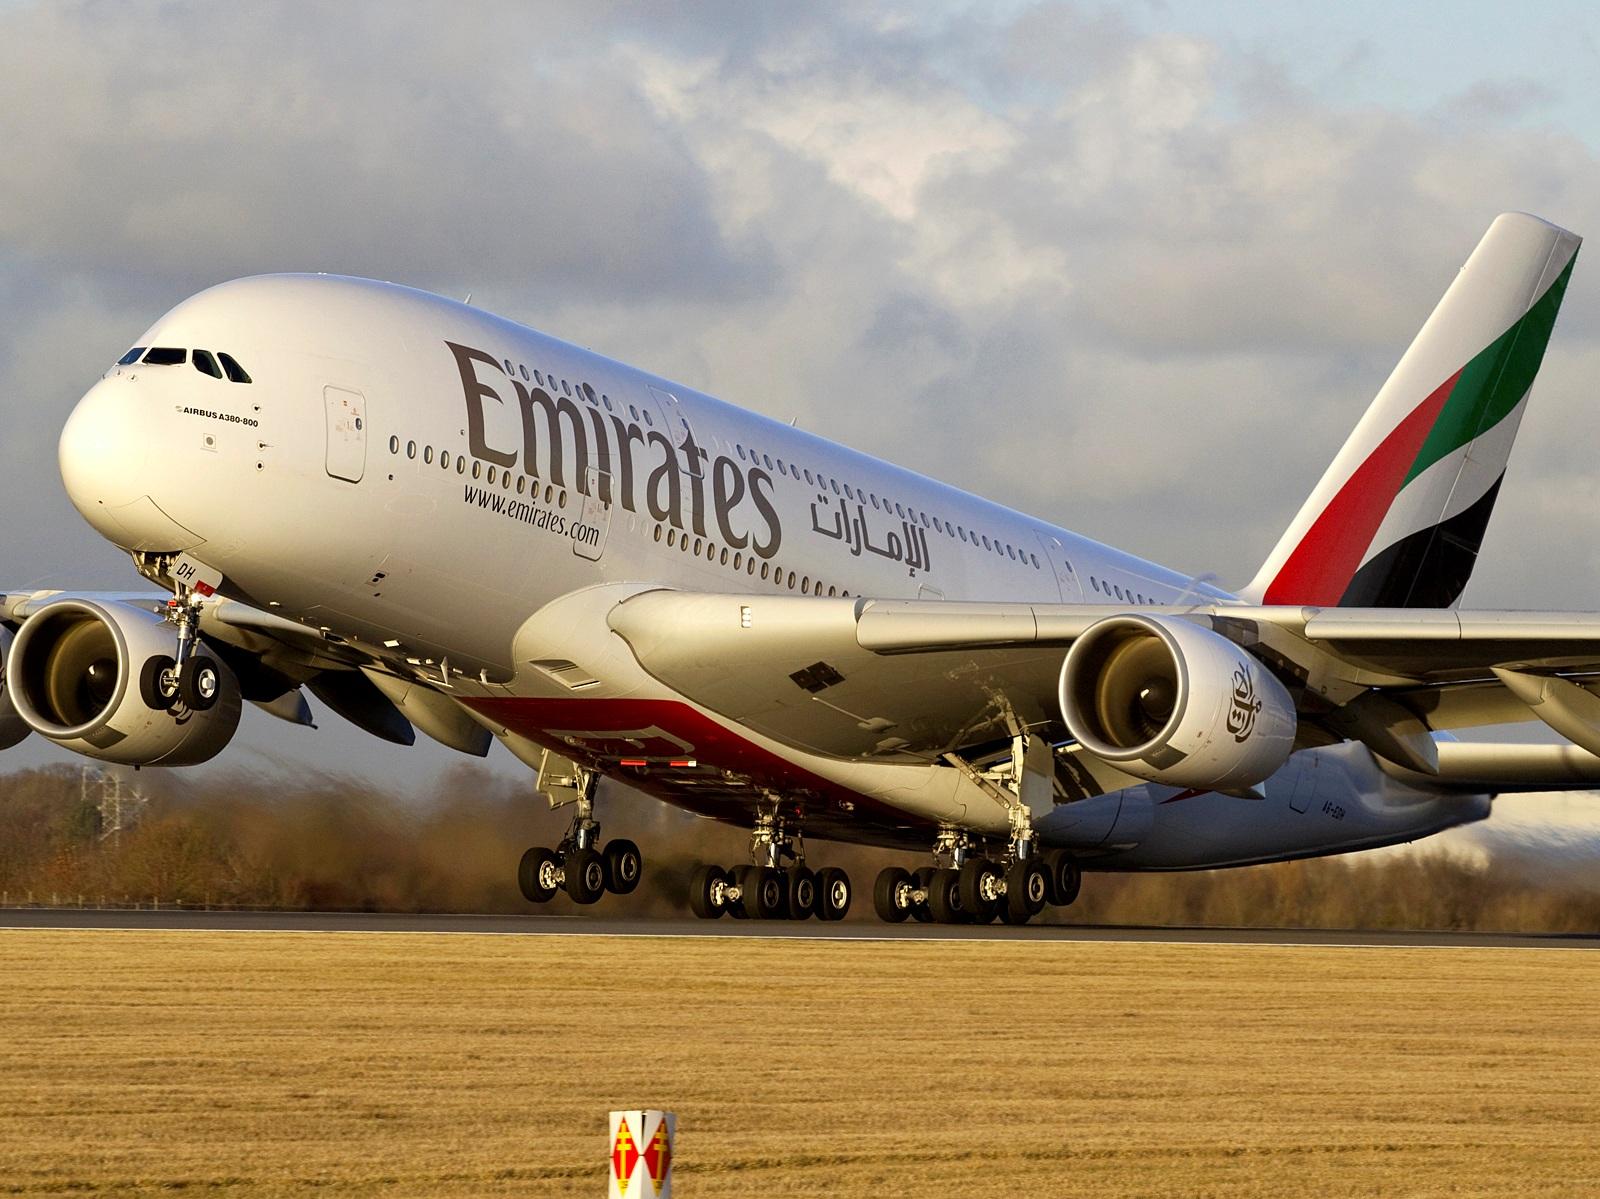 Пассажиров рейса Дубай — Нью-Йорк авиакомпании Emirates поместили на карантин из-за неизвестной